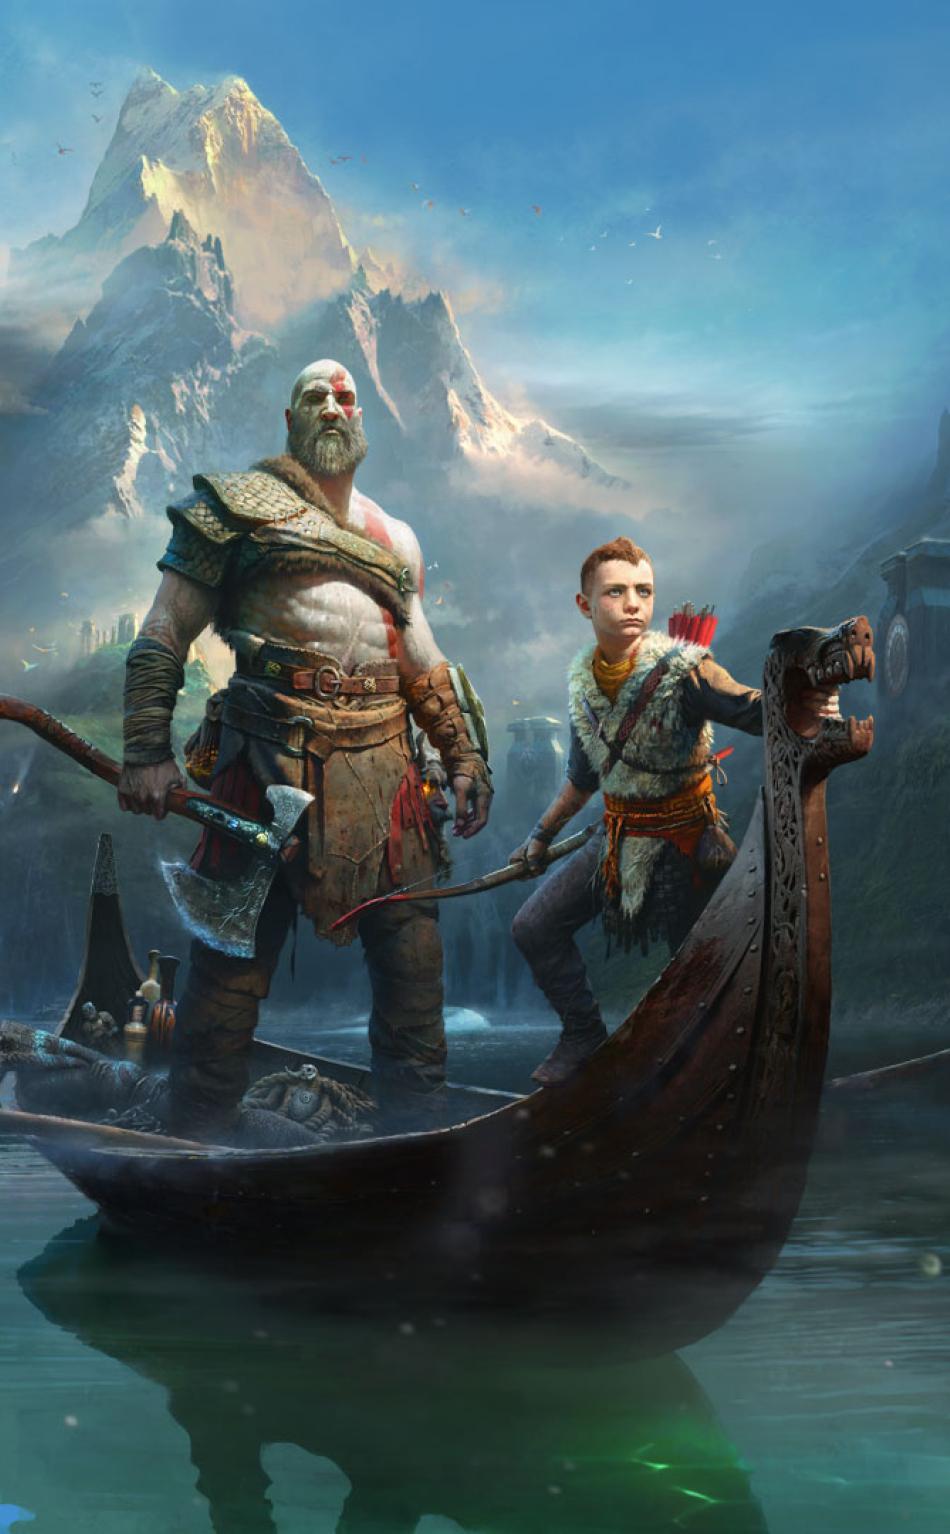 950x1534 Kratos Atreus God Of War 2018 950x1534 Resolution